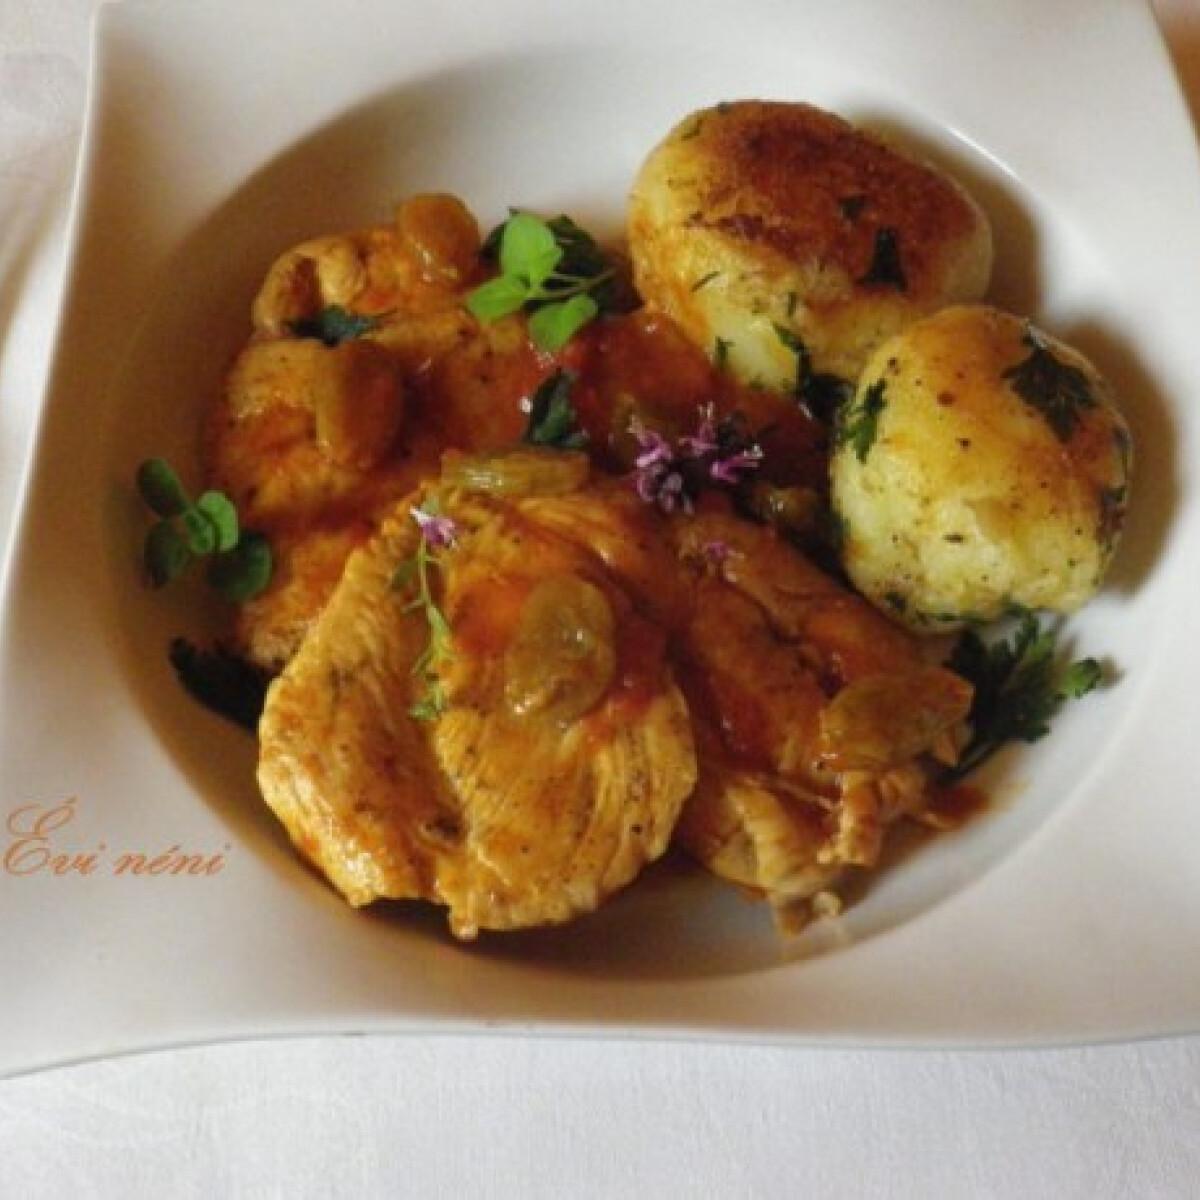 Ezen a képen: Csirke mazsolával